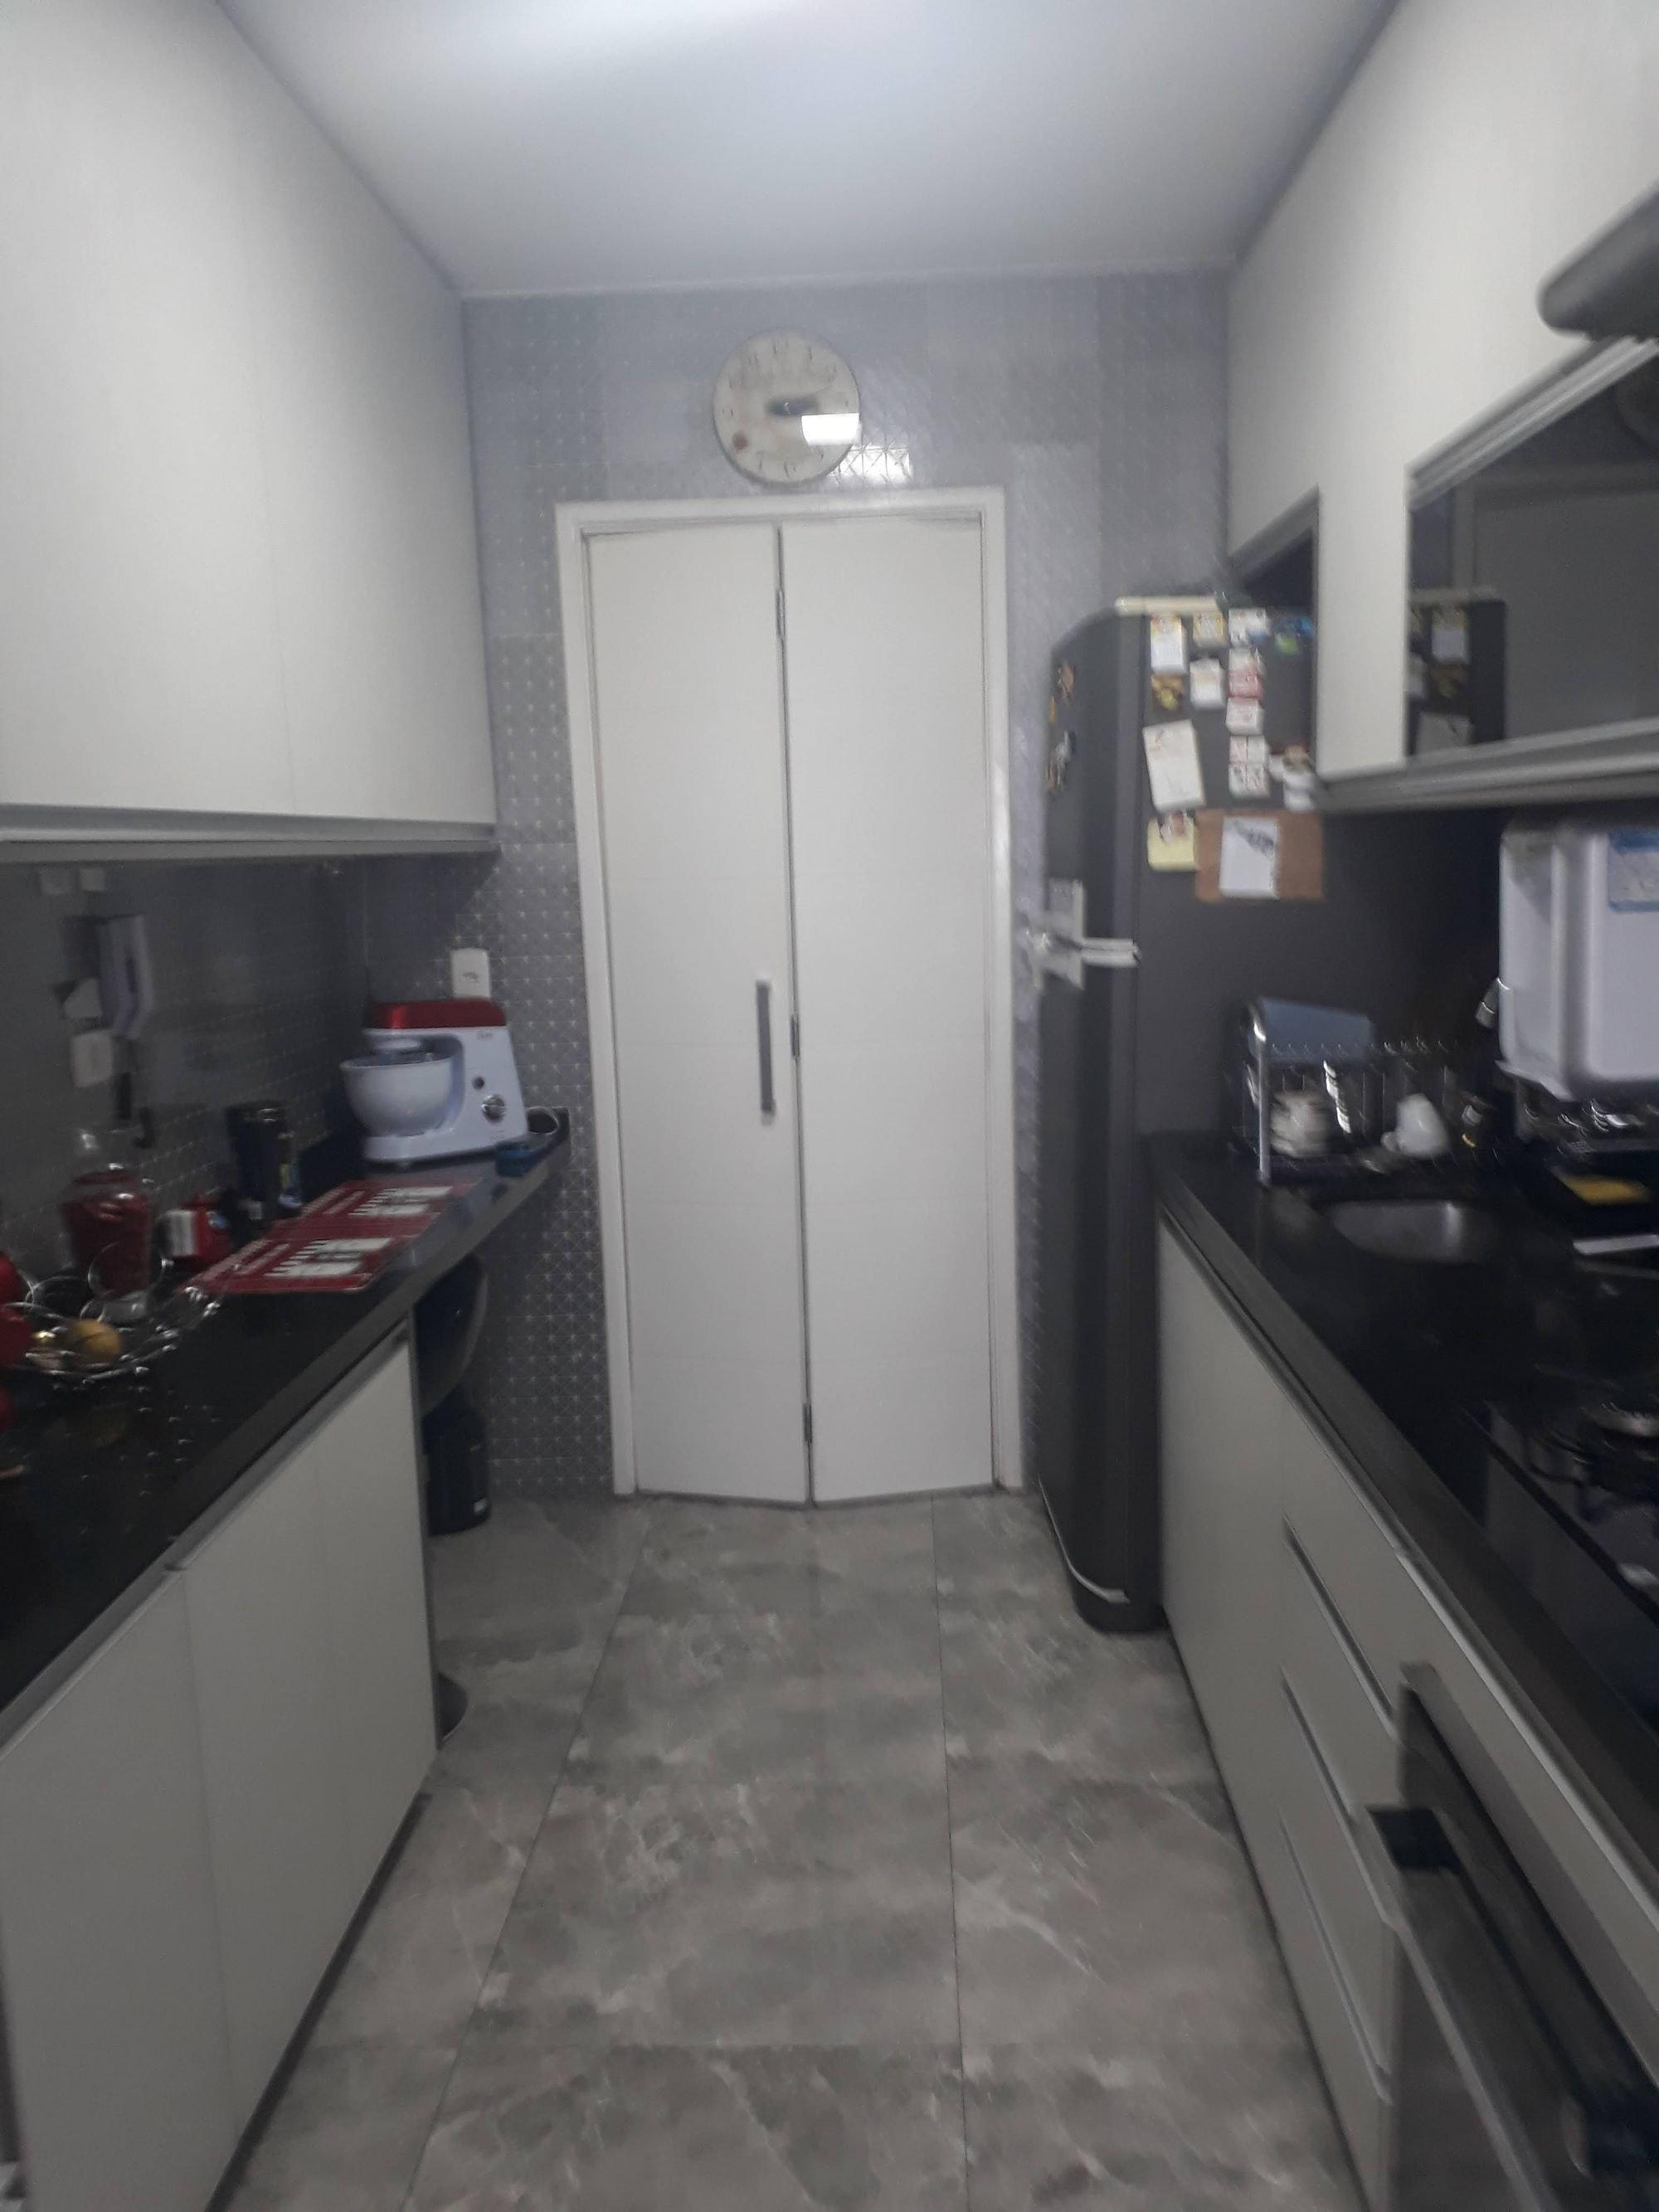 Foto de Cozinha com relógio, tigela, geladeira, pia, xícara